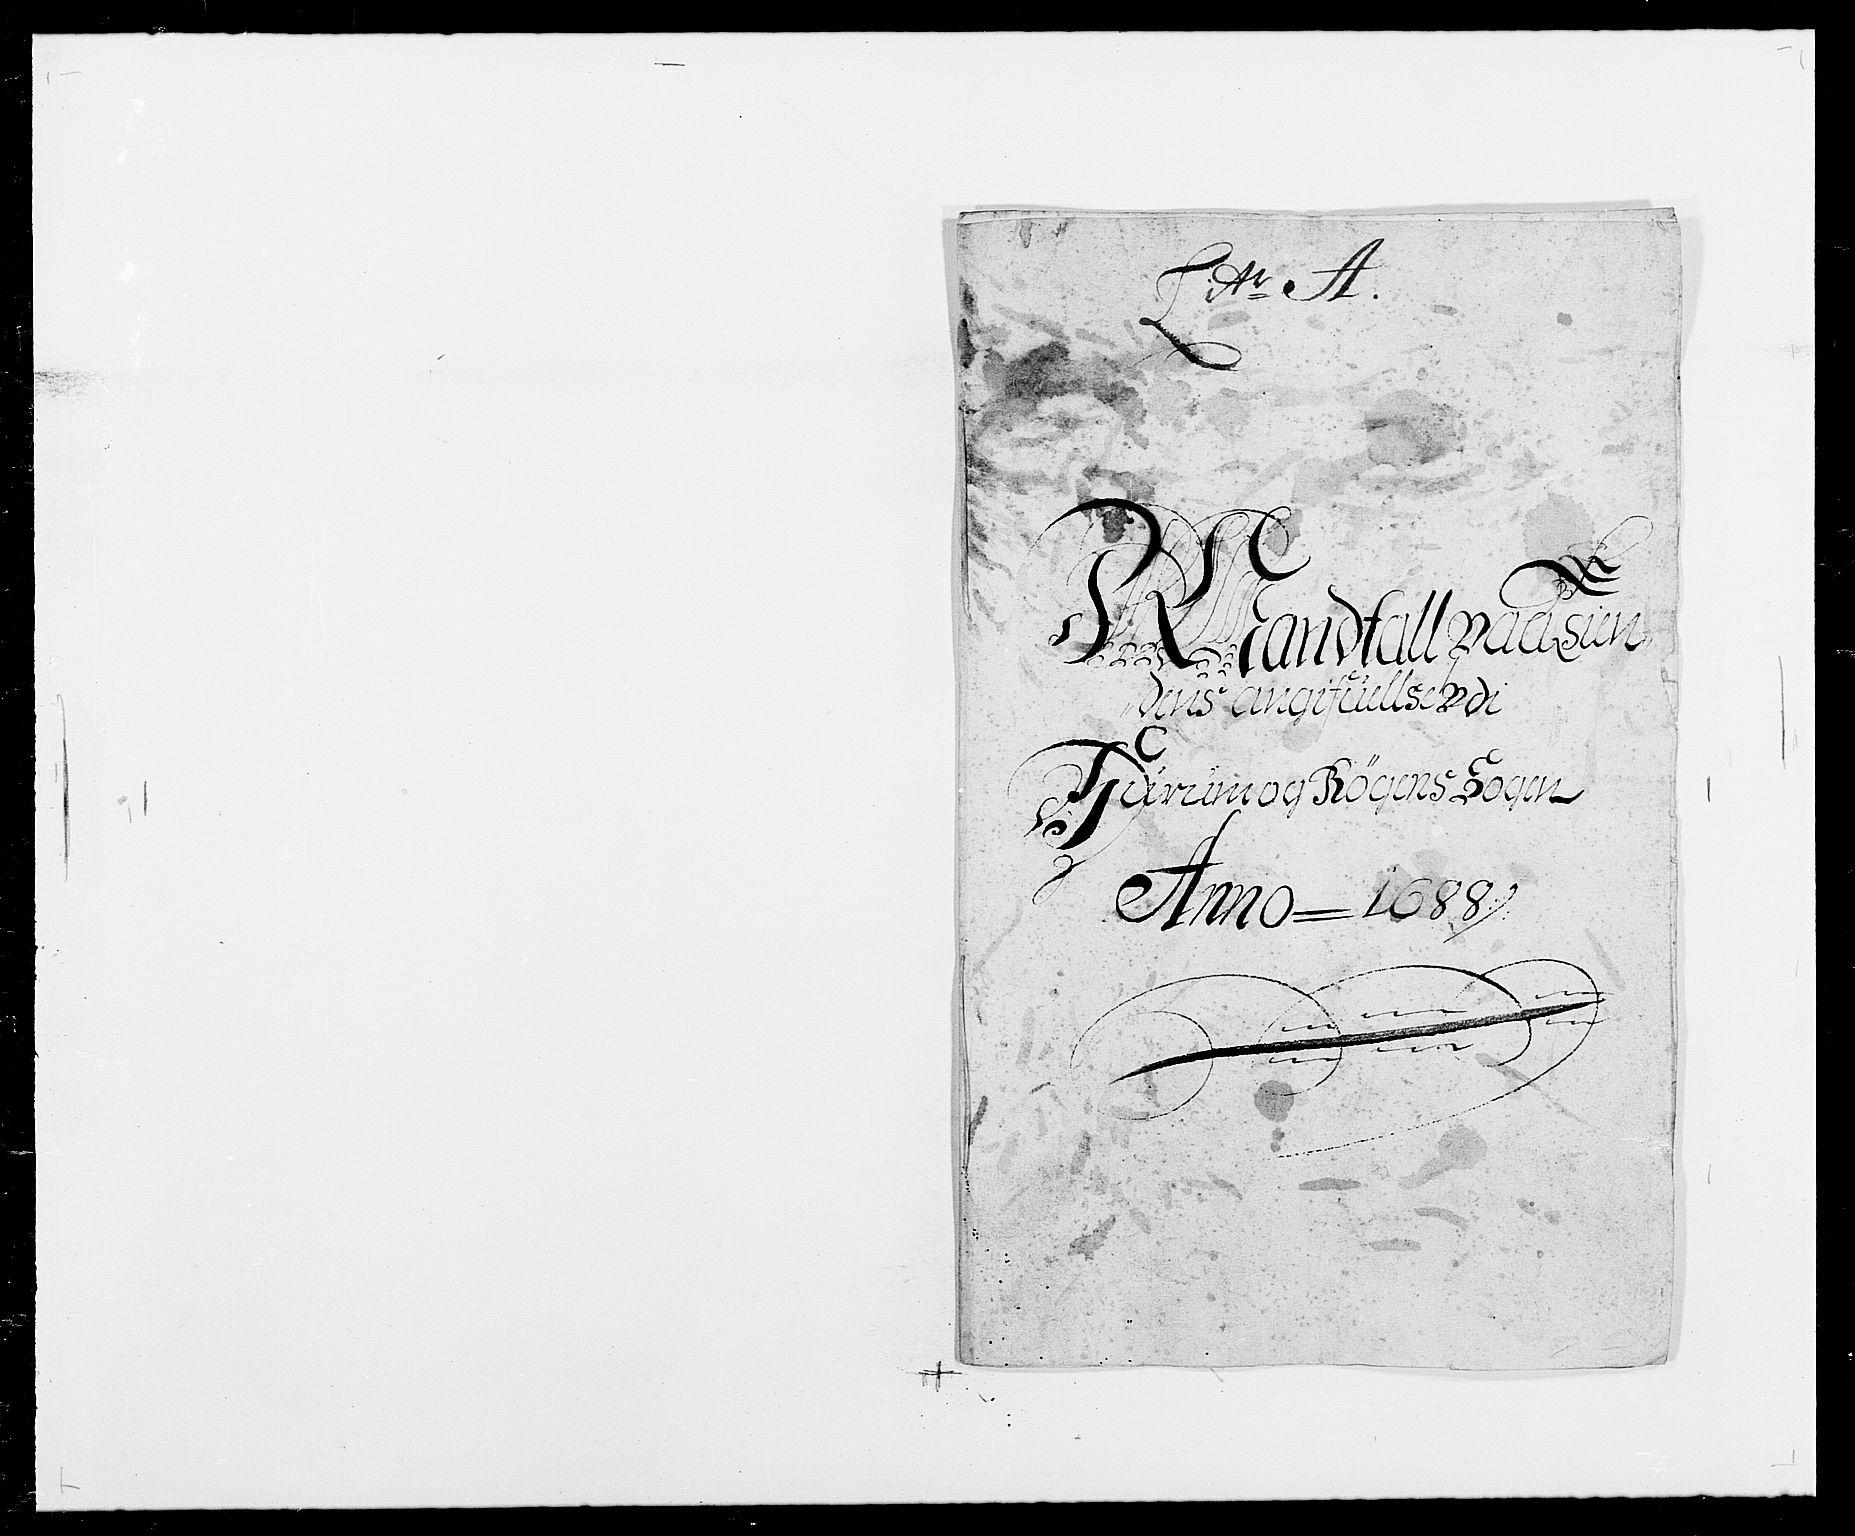 RA, Rentekammeret inntil 1814, Reviderte regnskaper, Fogderegnskap, R29/L1693: Fogderegnskap Hurum og Røyken, 1688-1693, s. 22